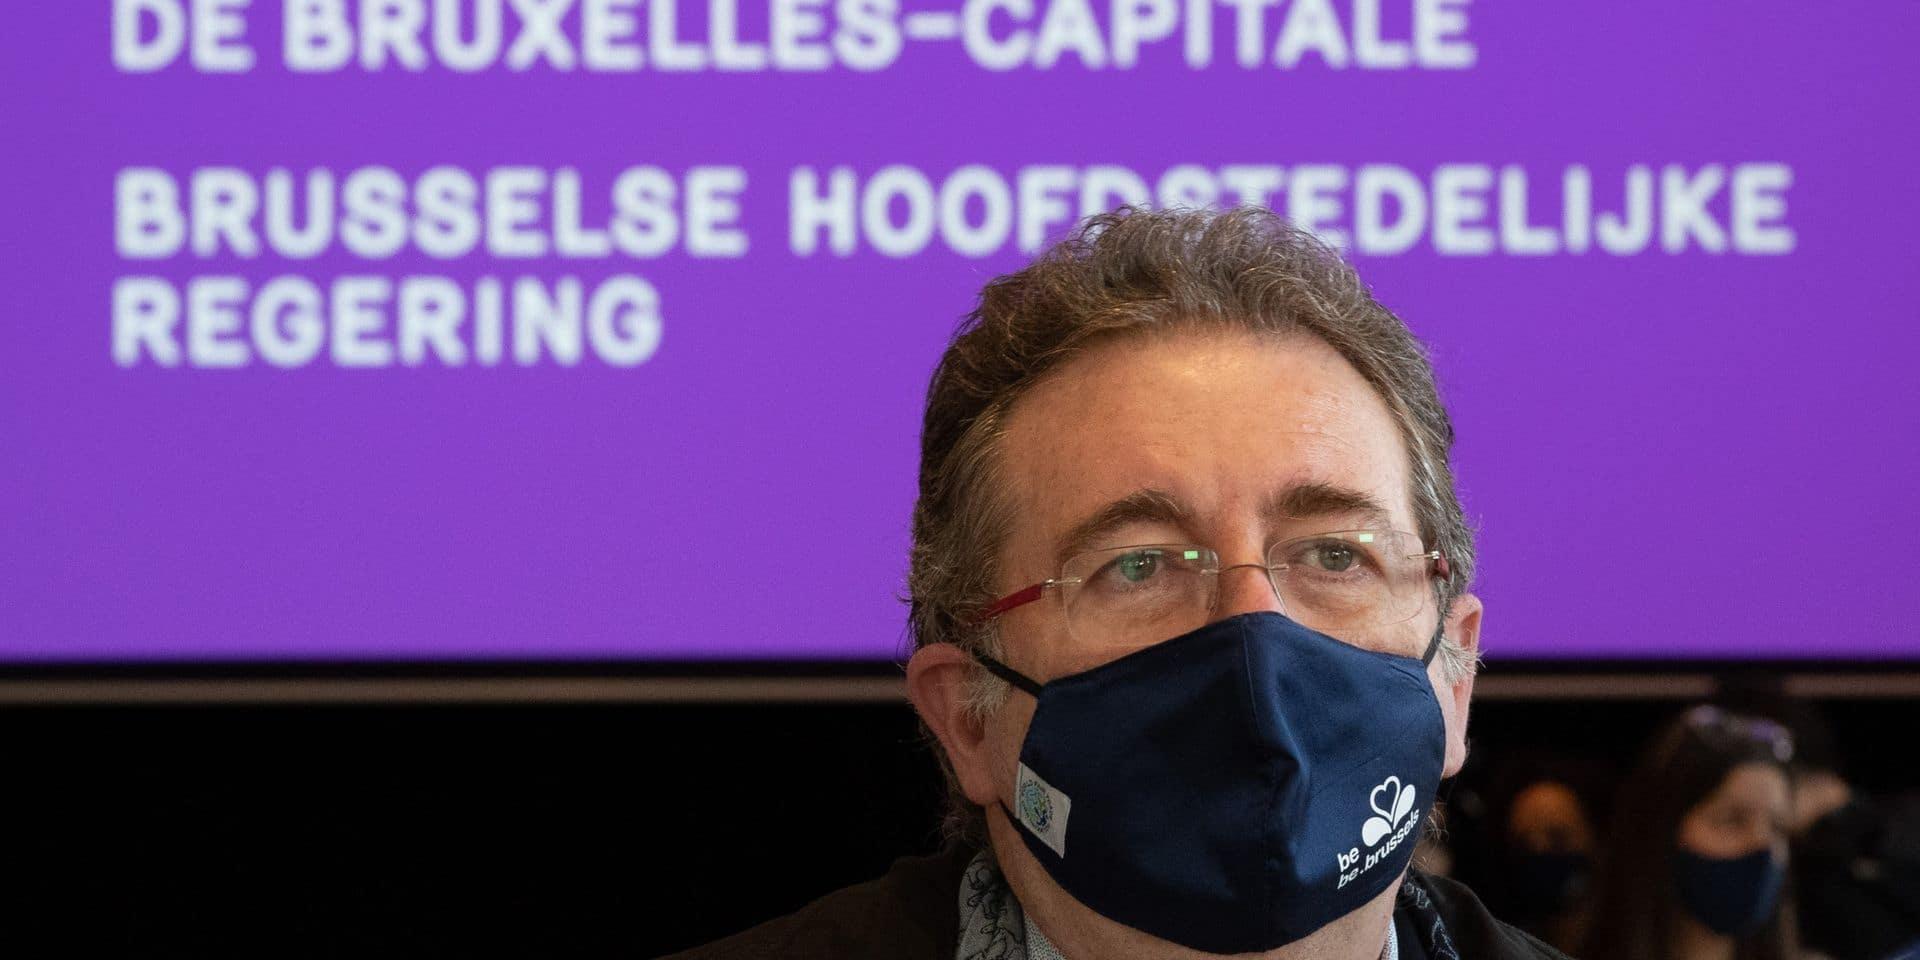 La majorité soutient le projet de taxation kilométrique du gouvernement Vervoort